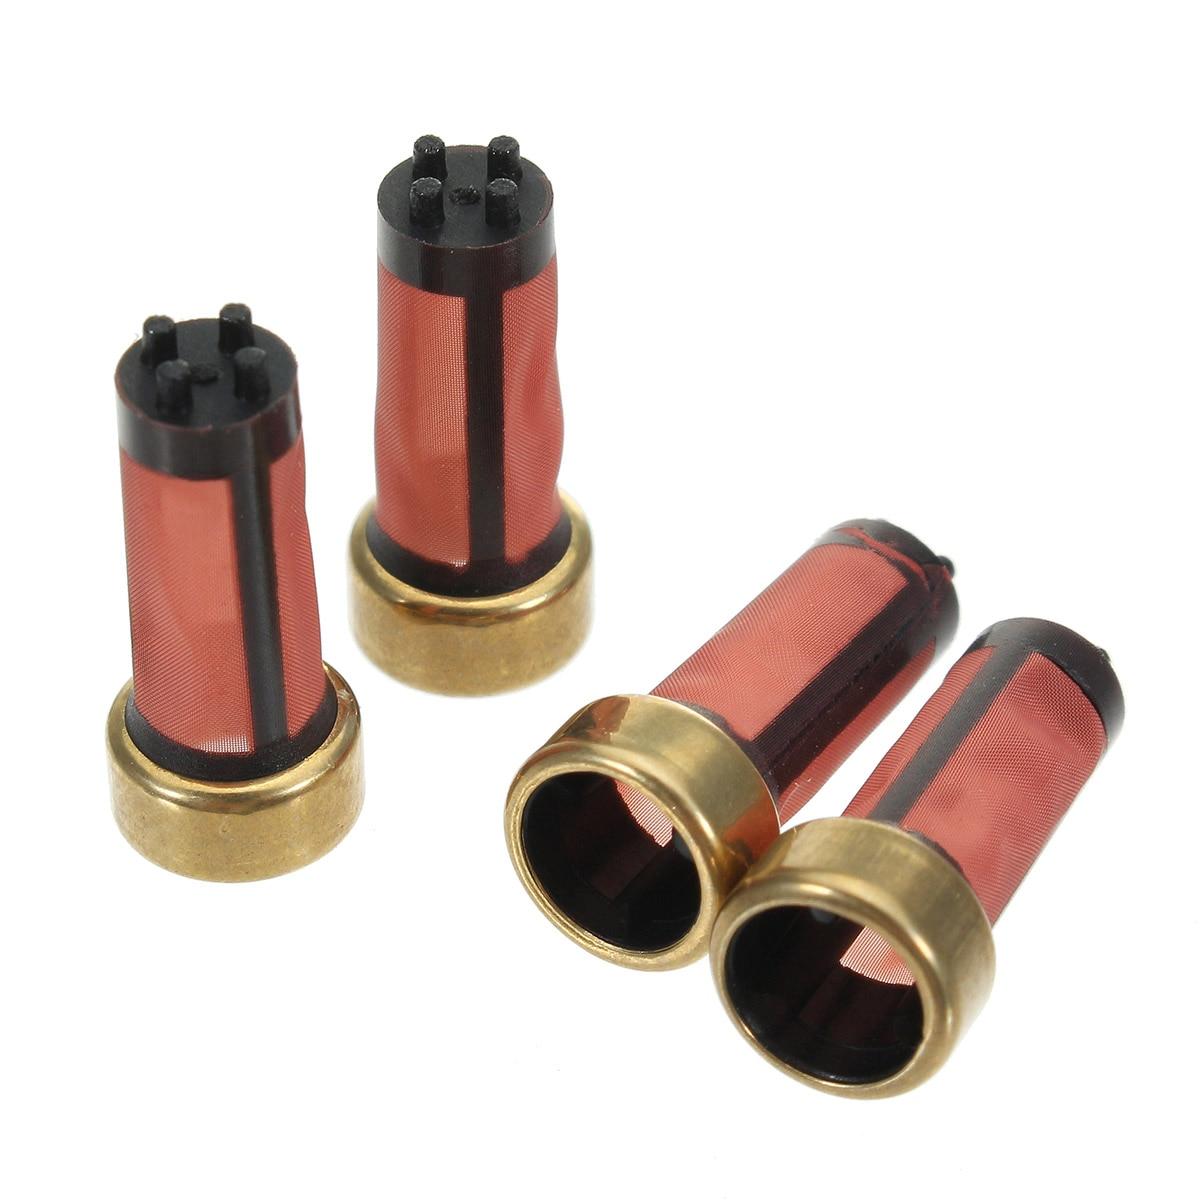 100Pcs 14x6x3mm Auto Car Petrol Fuel Injector Micro Filter AY-F108B Car Sapre Parts MD619962